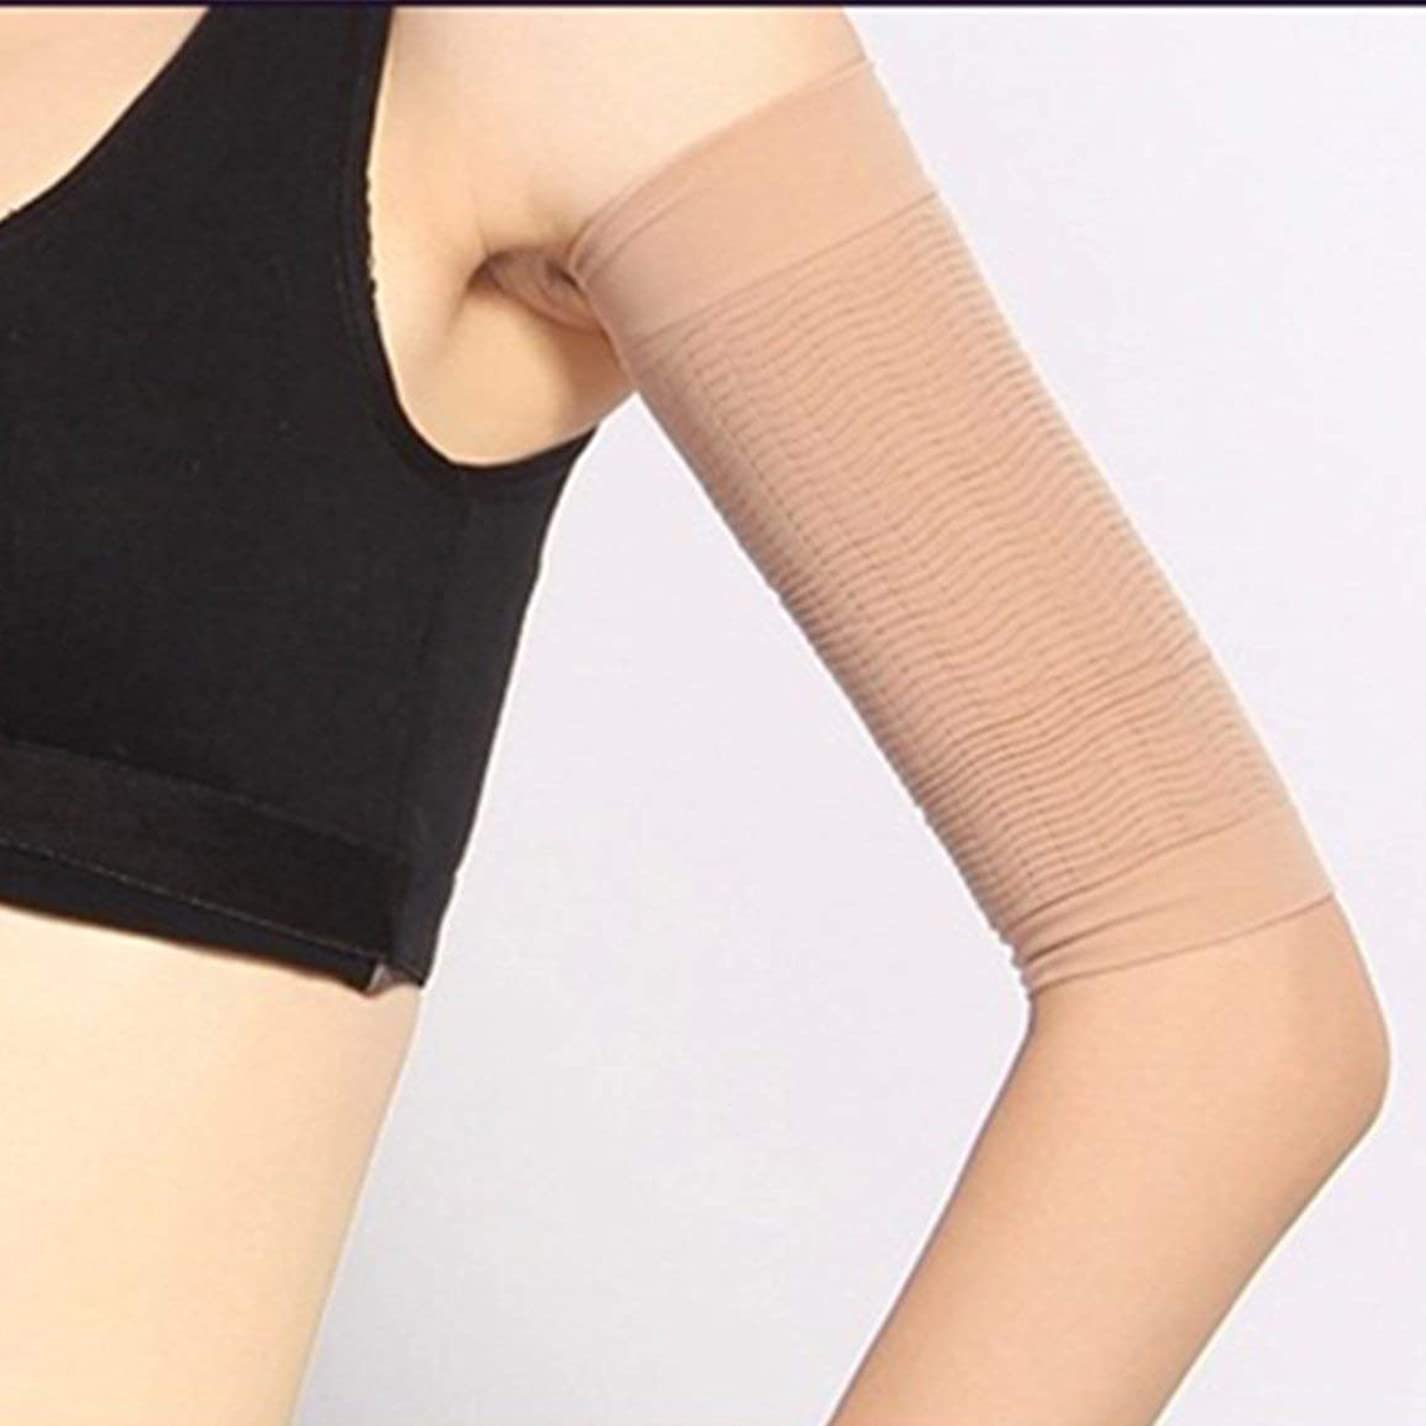 独立した失速中断1ペア420 D圧縮痩身アームスリーブワークアウトトーニングバーンセルライトシェイパー脂肪燃焼袖用女性 - 肌色